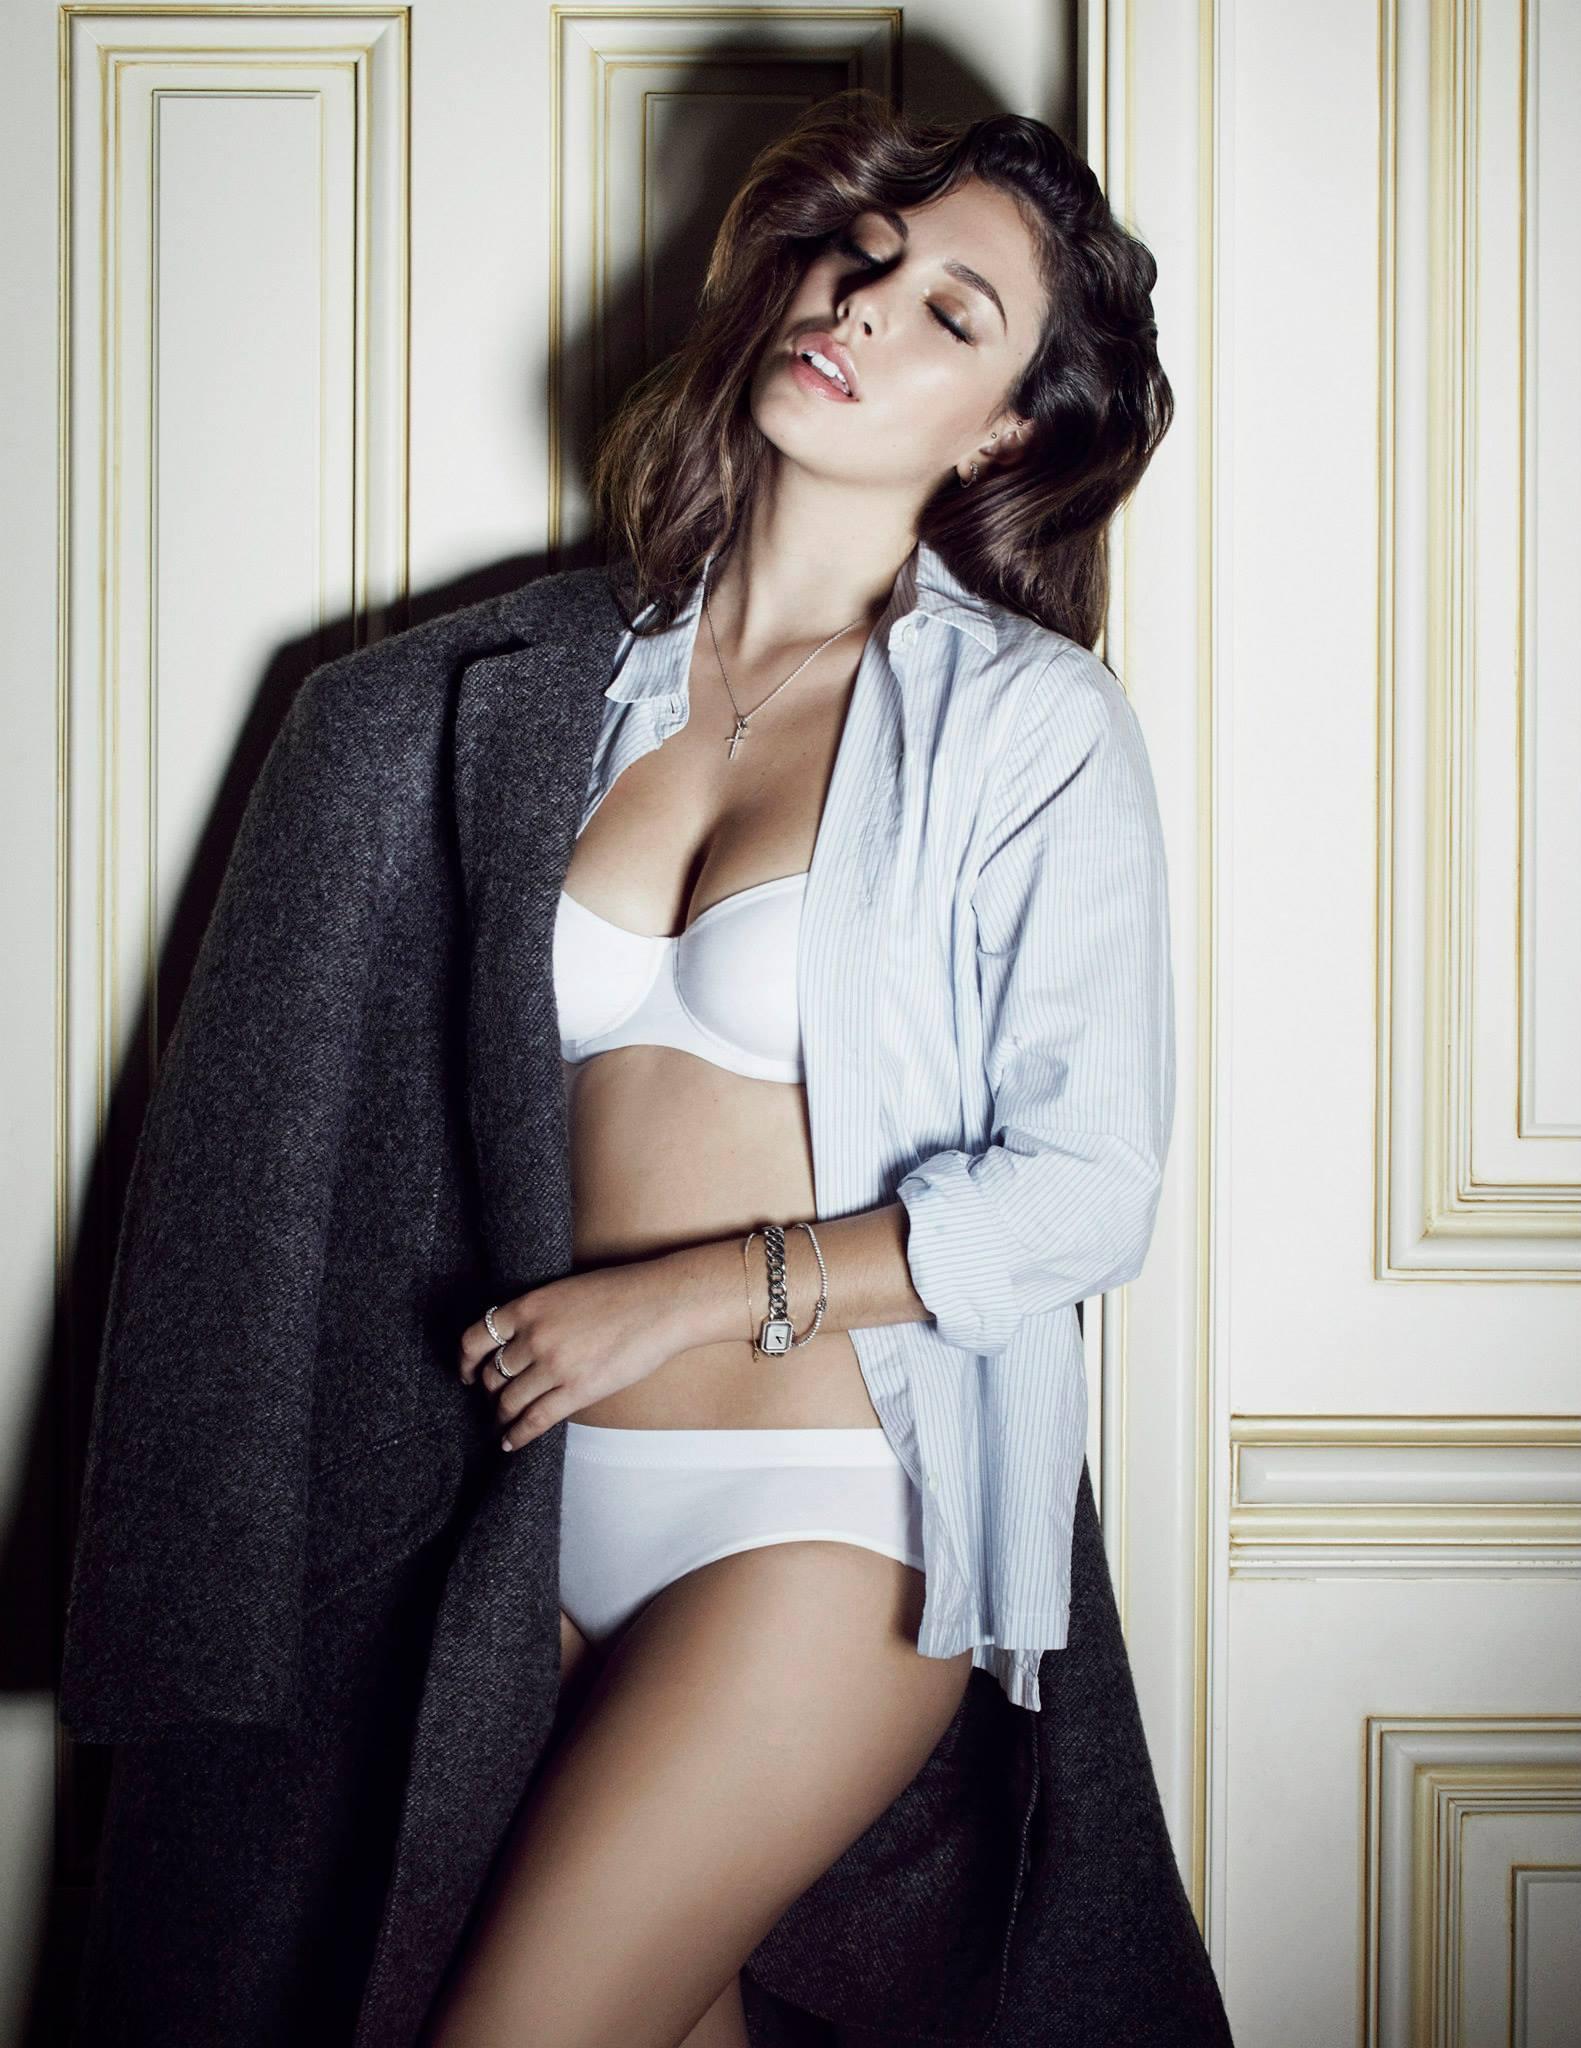 Blanca Suárez, pose sensual en lencería blanca